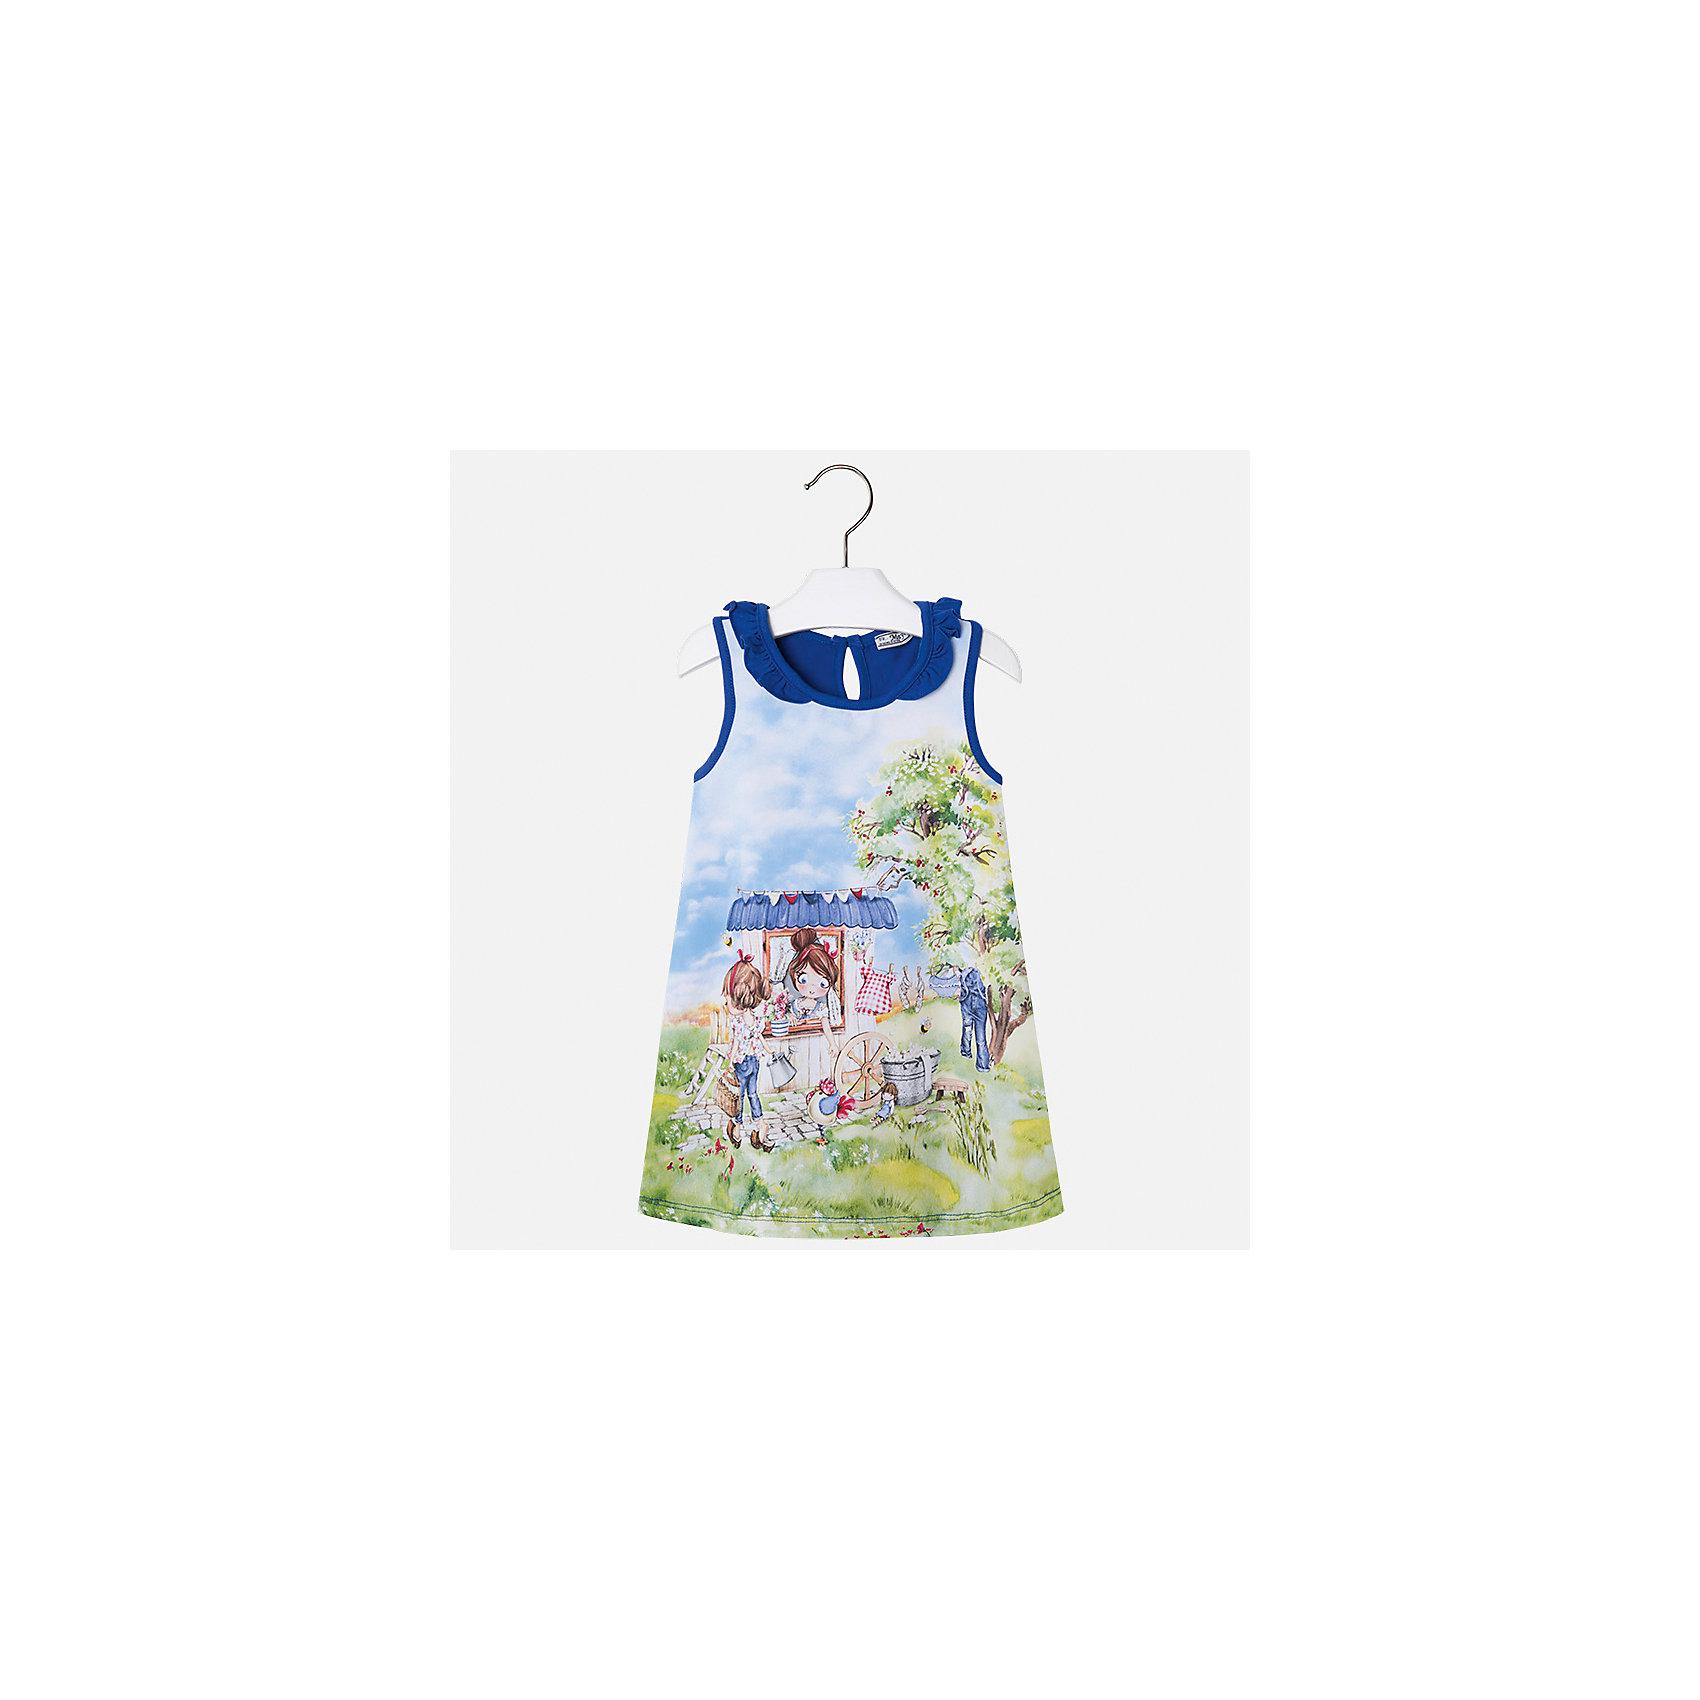 Платье для девочки MayoralЛетние платья и сарафаны<br>Характеристики товара:<br><br>• цвет: синий<br>• состав: 95% хлопок, 5% эластан<br>• застежка: пуговица<br>• комбинированный материал<br>• без рукавов<br>• декорировано принтом<br>• страна бренда: Испания<br><br>Стильное платье для девочки поможет разнообразить гардероб ребенка и создать эффектный наряд. Оно подойдет для различных случаев. Красивый оттенок позволяет подобрать к вещи обувь разных расцветок. Платье хорошо сидит по фигуре. В составе материала - натуральный хлопок, гипоаллергенный, приятный на ощупь, дышащий.<br><br>Одежда, обувь и аксессуары от испанского бренда Mayoral полюбились детям и взрослым по всему миру. Модели этой марки - стильные и удобные. Для их производства используются только безопасные, качественные материалы и фурнитура. Порадуйте ребенка модными и красивыми вещами от Mayoral! <br><br>Платье для девочки от испанского бренда Mayoral (Майорал) можно купить в нашем интернет-магазине.<br><br>Ширина мм: 236<br>Глубина мм: 16<br>Высота мм: 184<br>Вес г: 177<br>Цвет: синий<br>Возраст от месяцев: 96<br>Возраст до месяцев: 108<br>Пол: Женский<br>Возраст: Детский<br>Размер: 134,92,98,104,110,116,122,128<br>SKU: 5300672